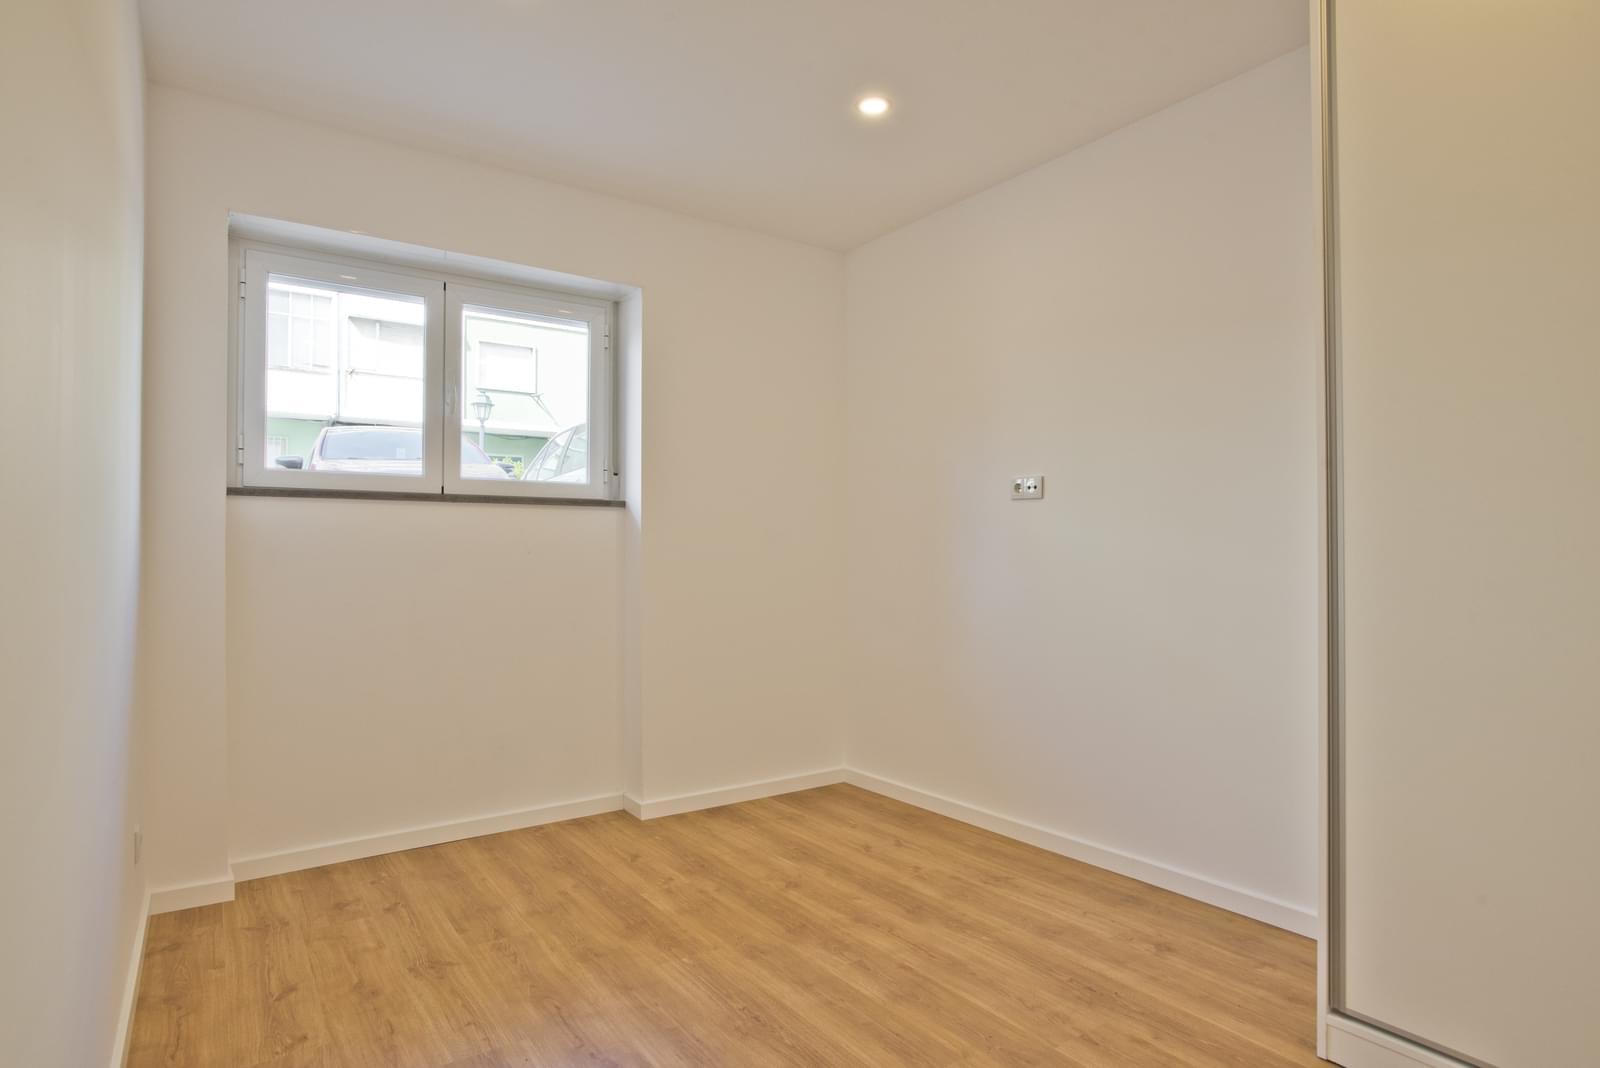 pf16986-apartamento-t2-cascais-05c678b1-dd18-4409-aeec-9e307424d1cf